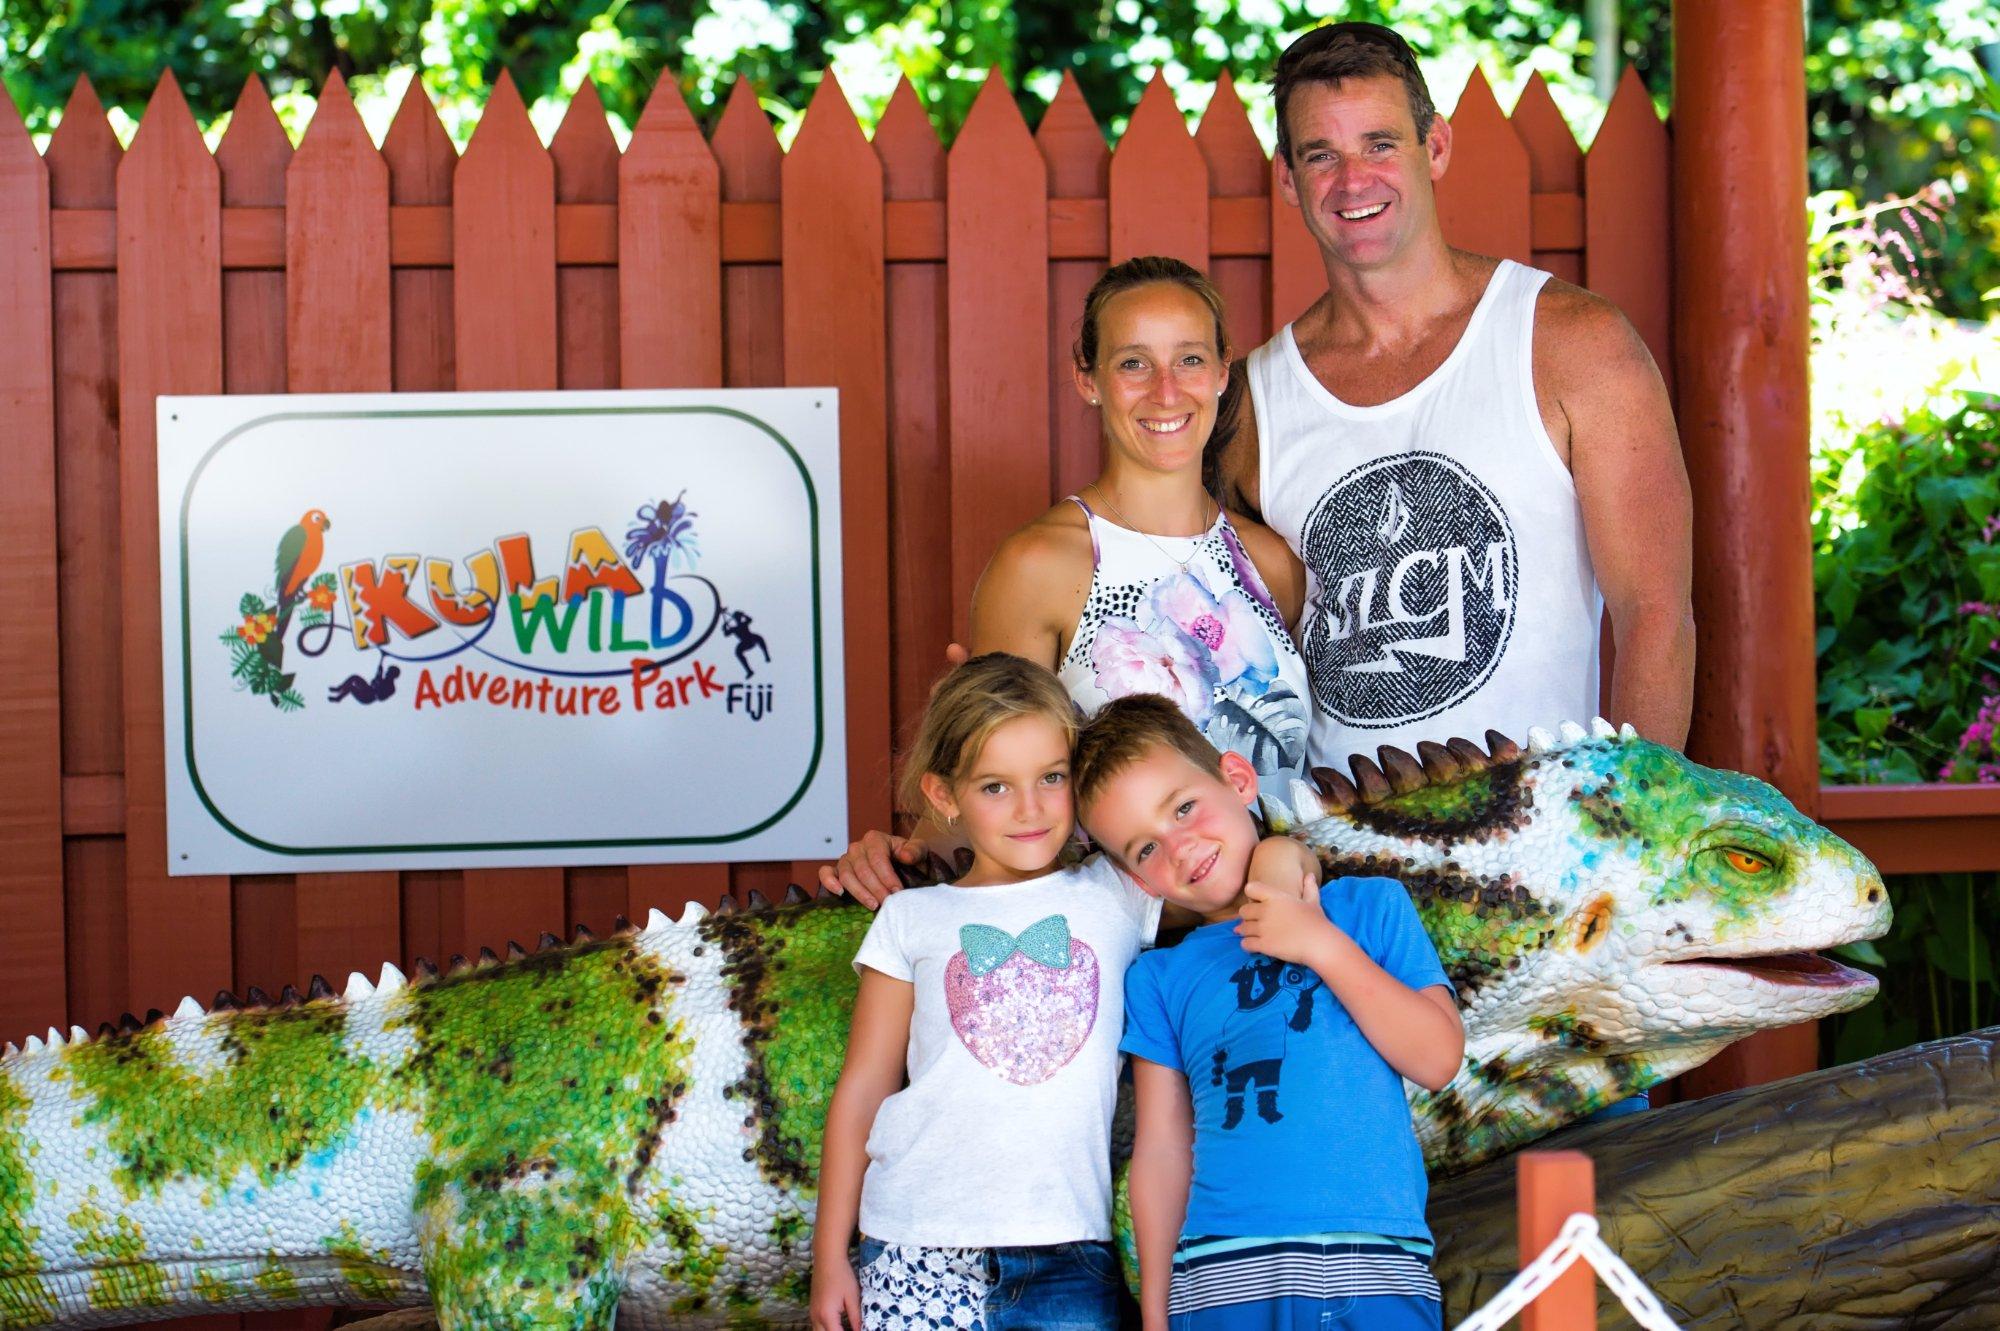 Парк развлечений Kula Wild